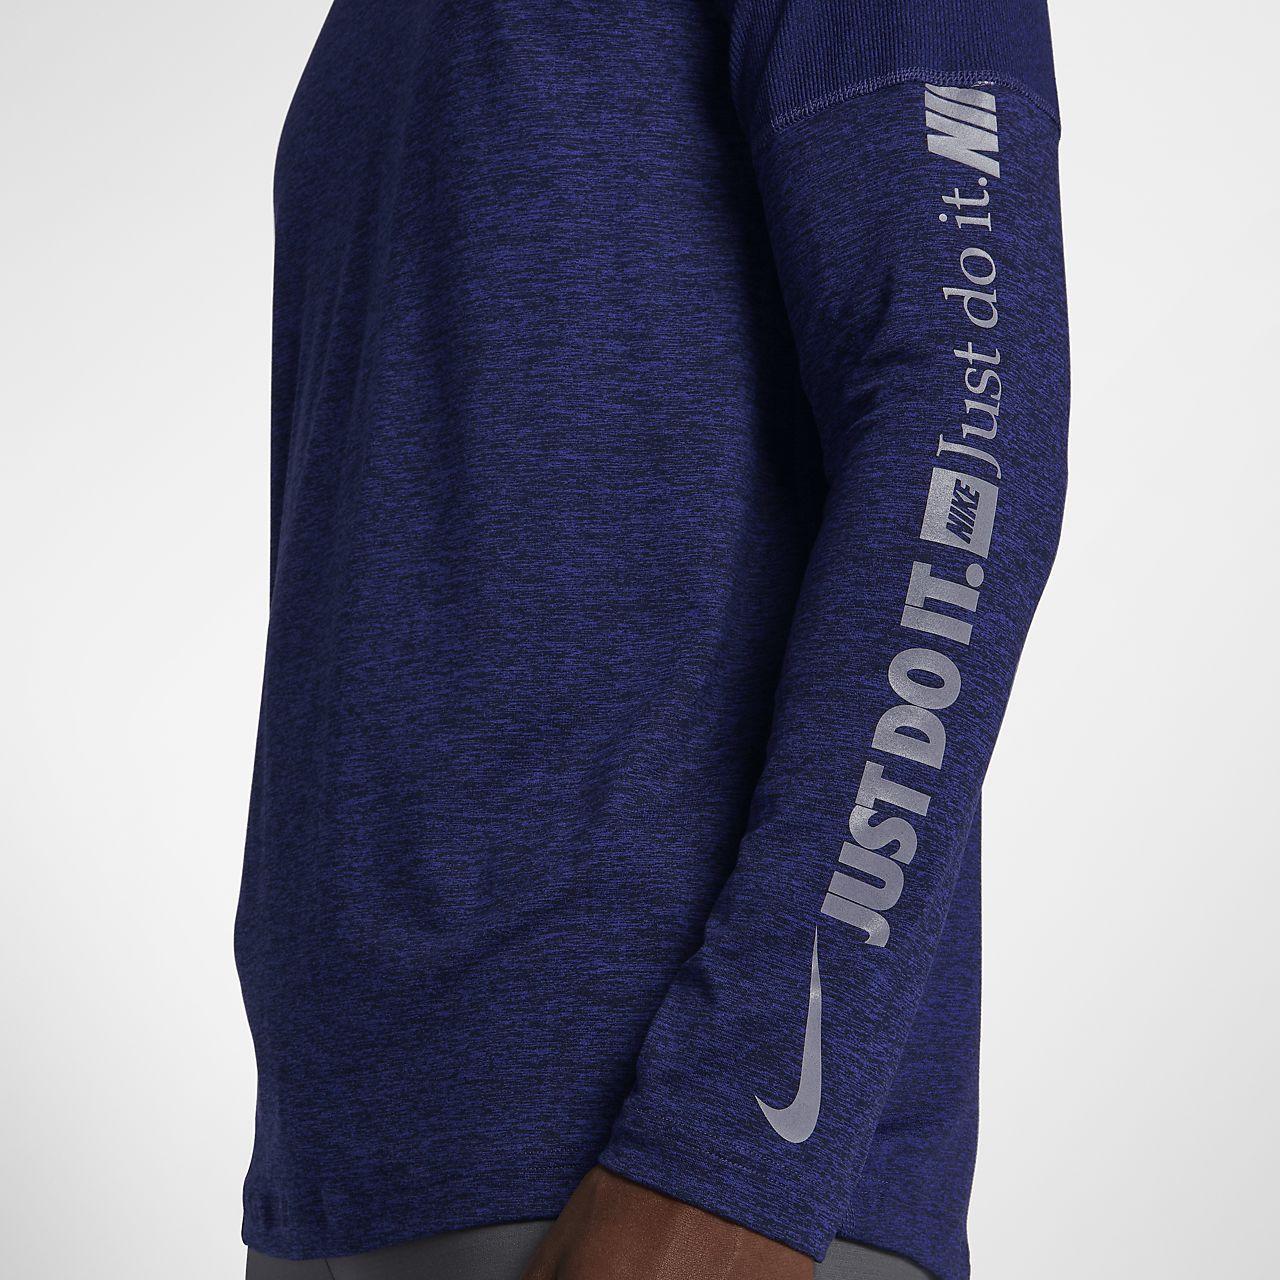 e693048c Nike Men's Long-Sleeve Running Crew. Nike.com EG